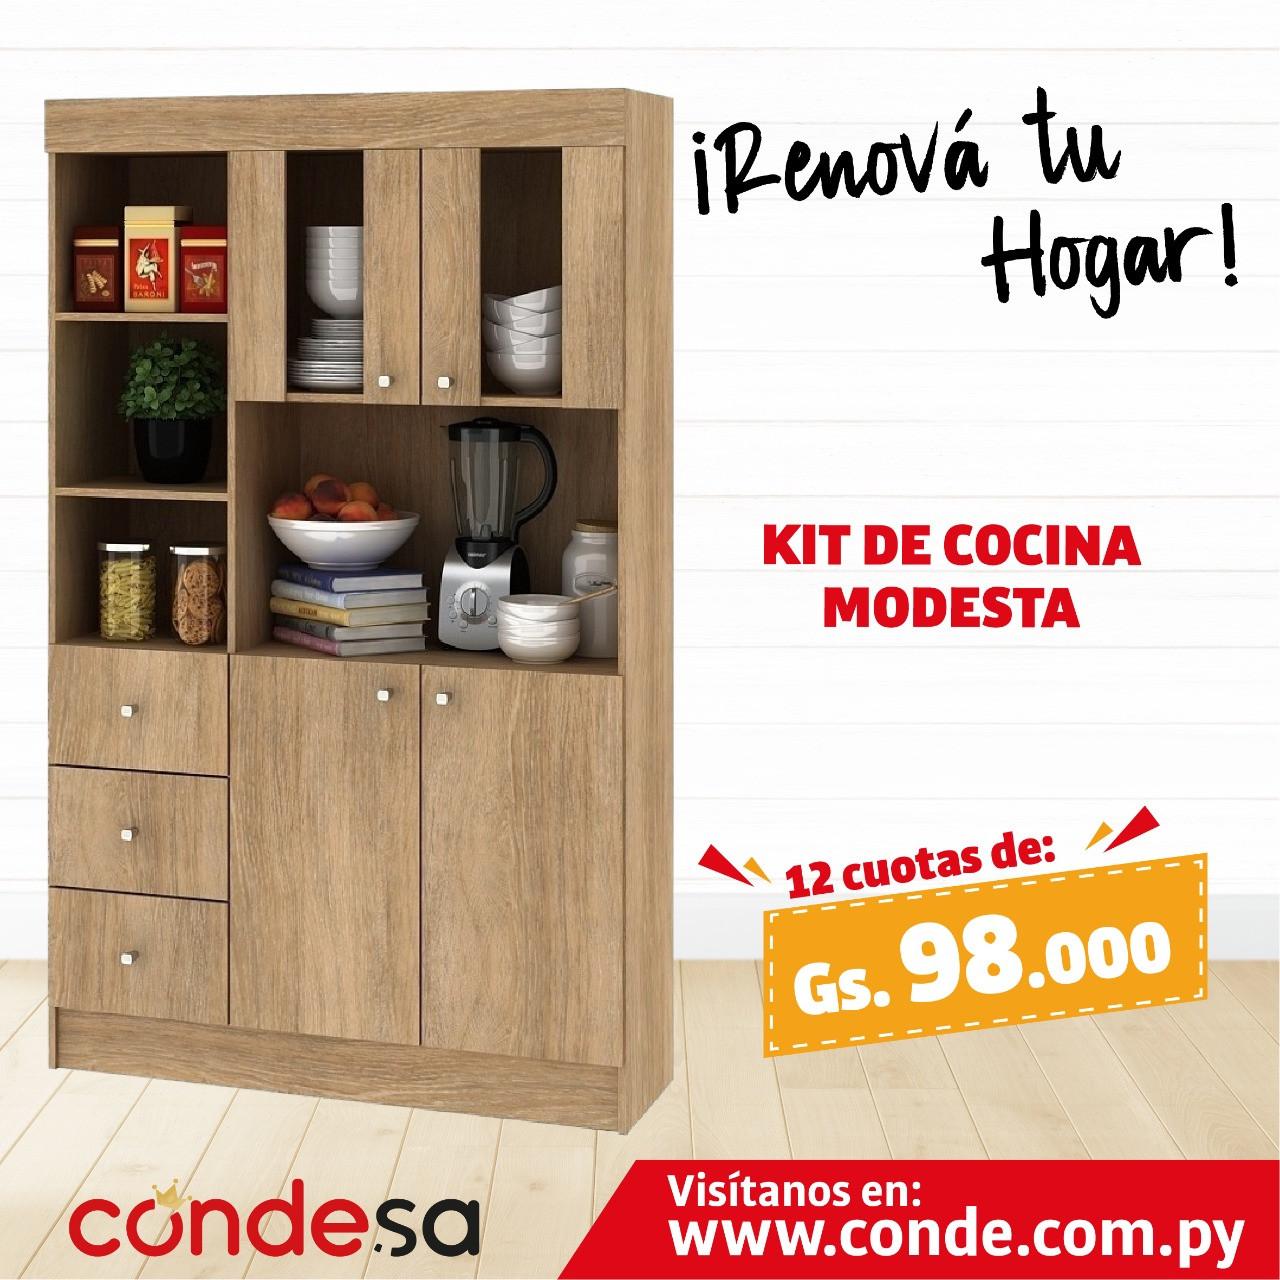 KIT DE COCINA MODESTA